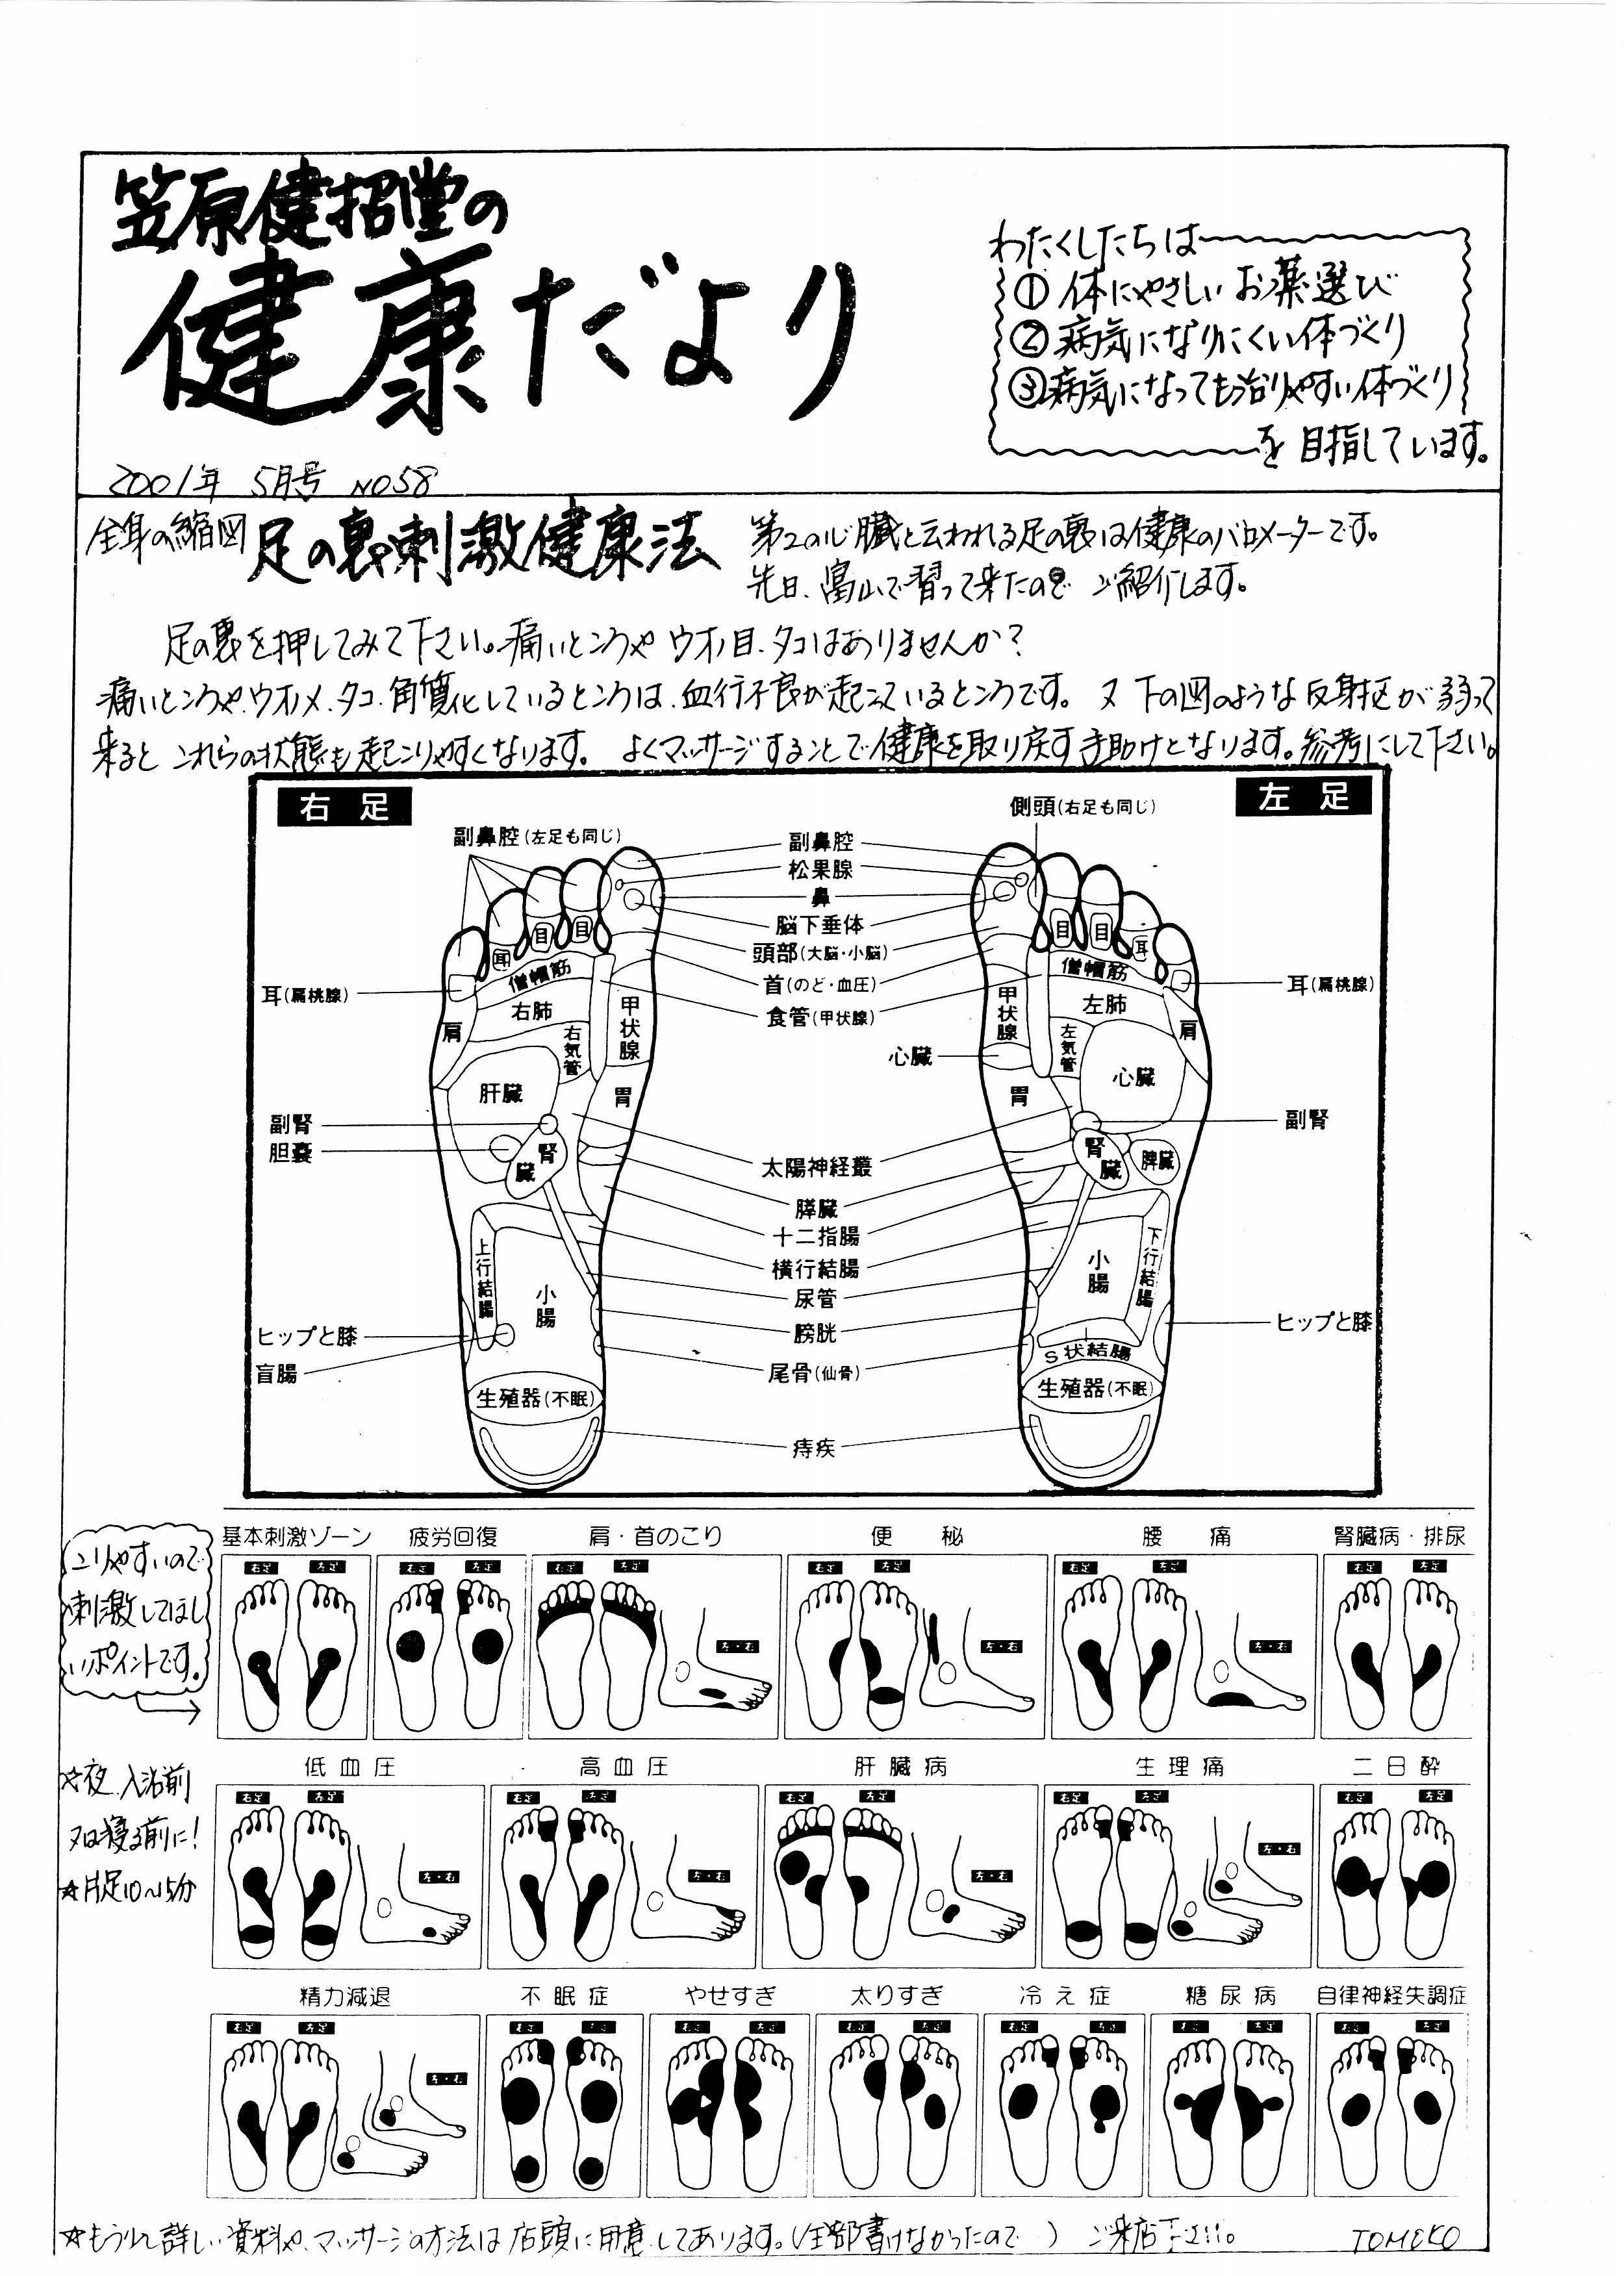 No58 2001.5 足の裏刺激健康法